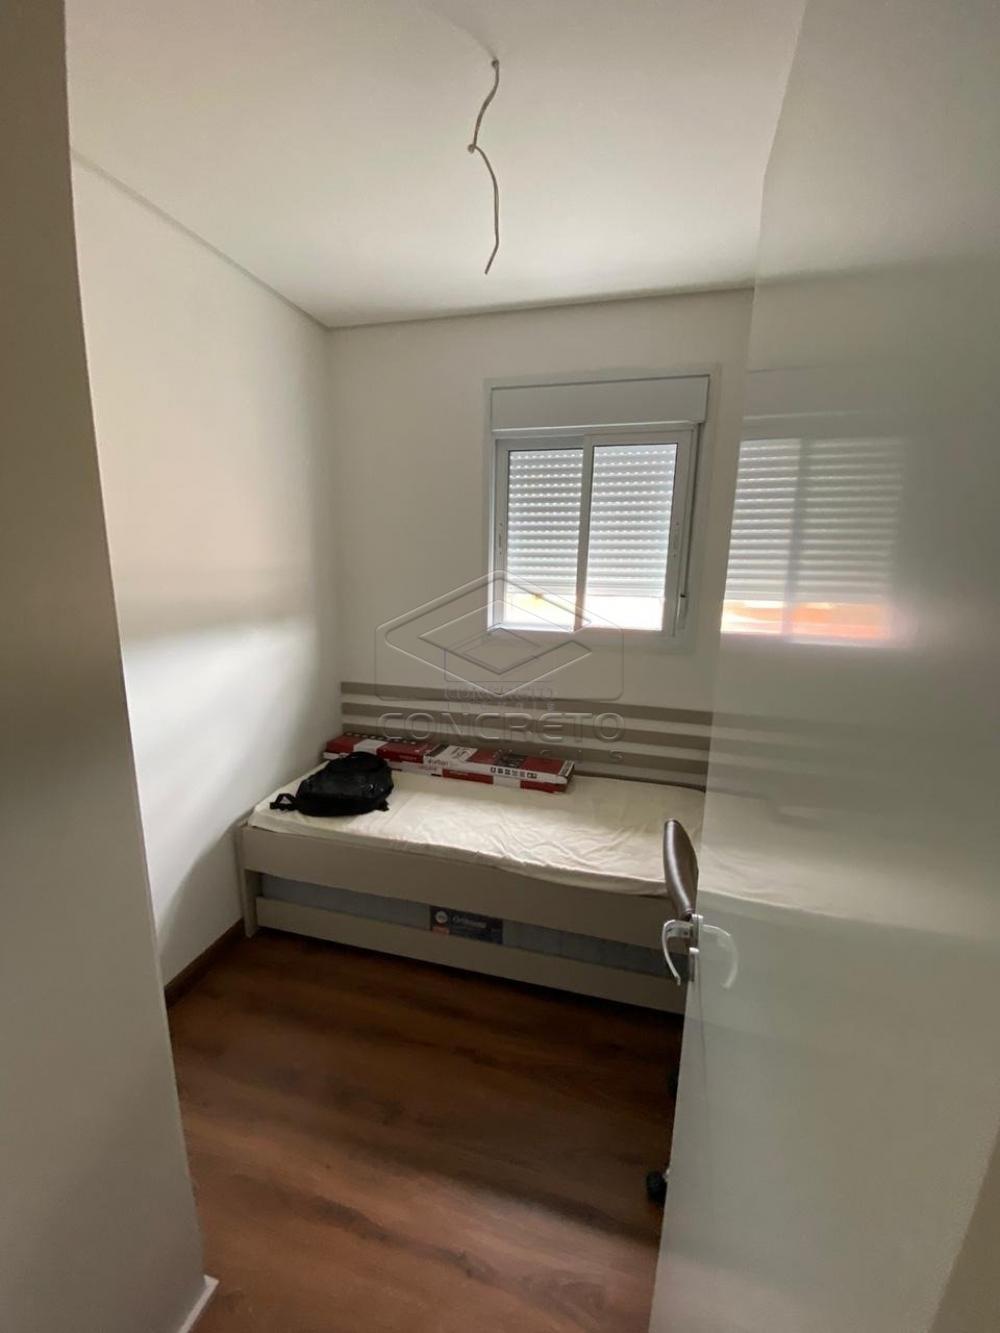 Comprar Apartamento / Padrão em Jau R$ 530.000,00 - Foto 6